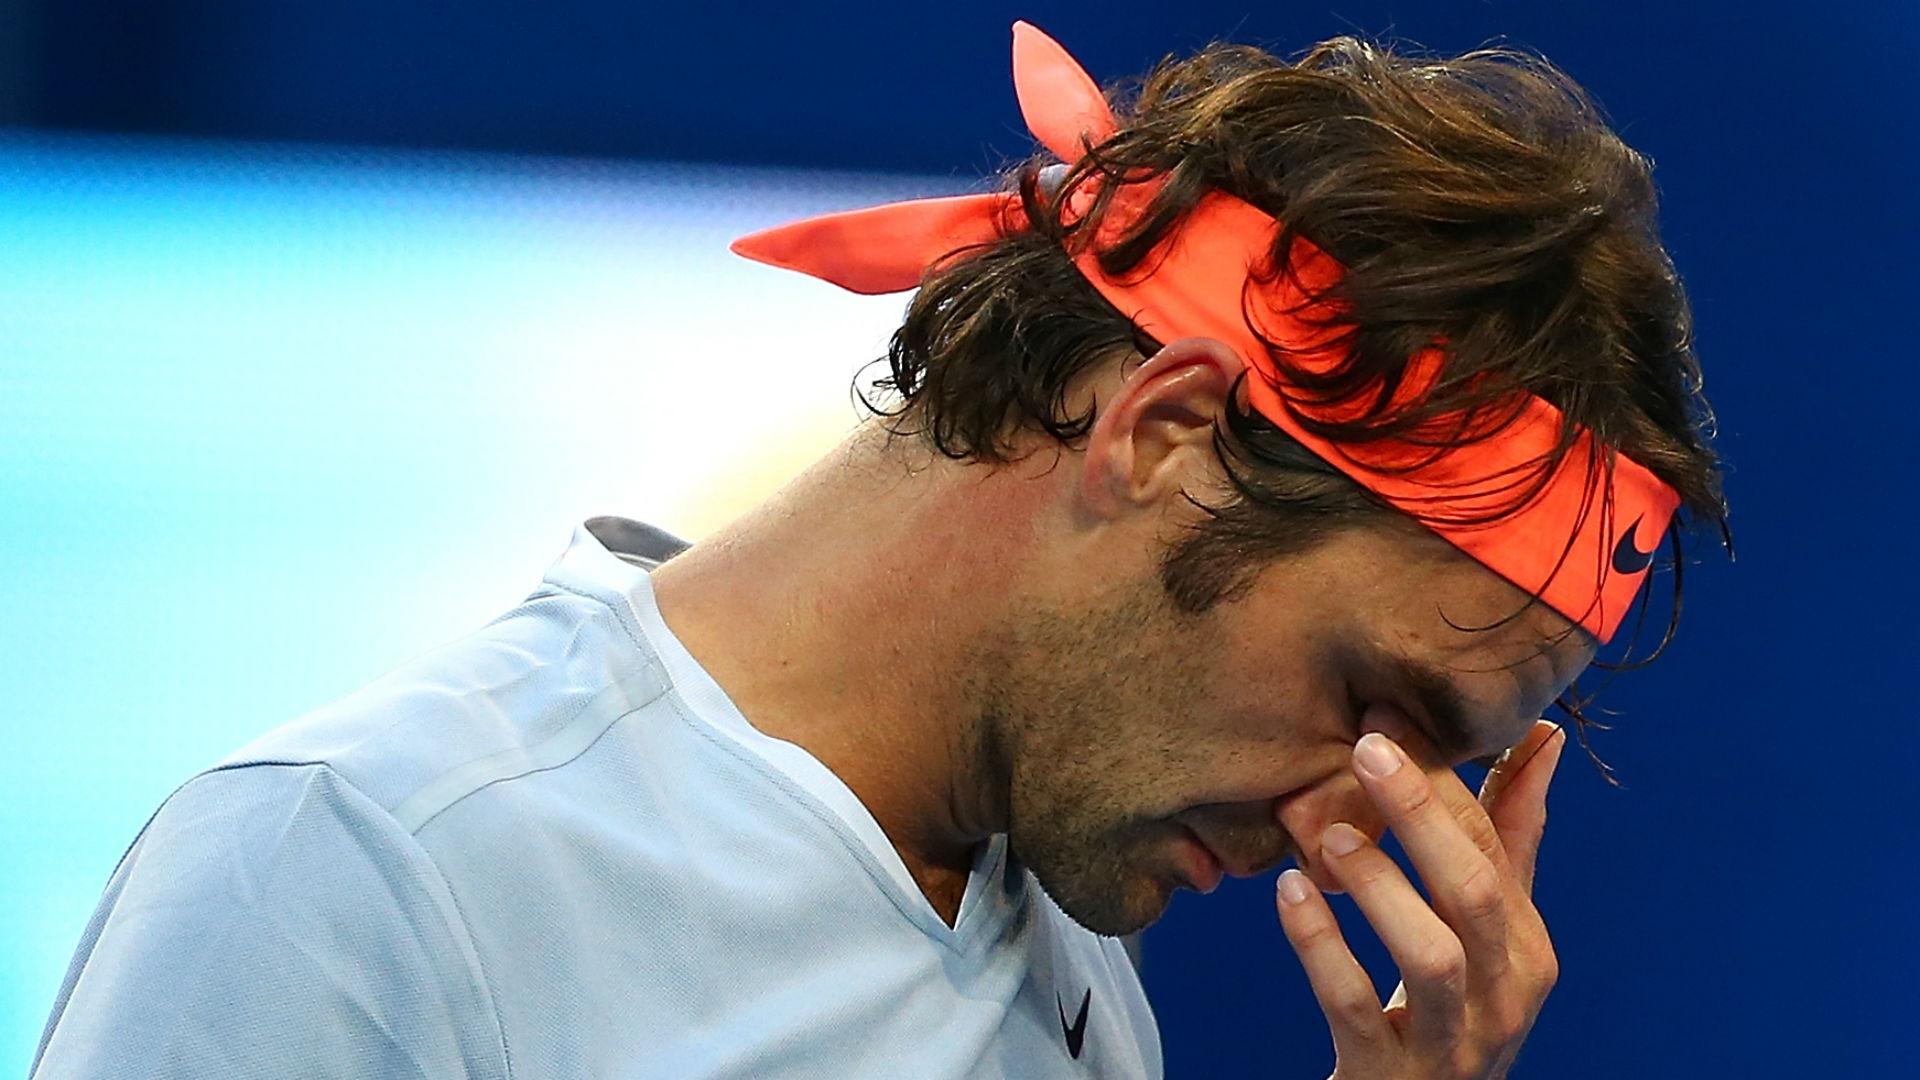 Federer stunned by rising star Zverev